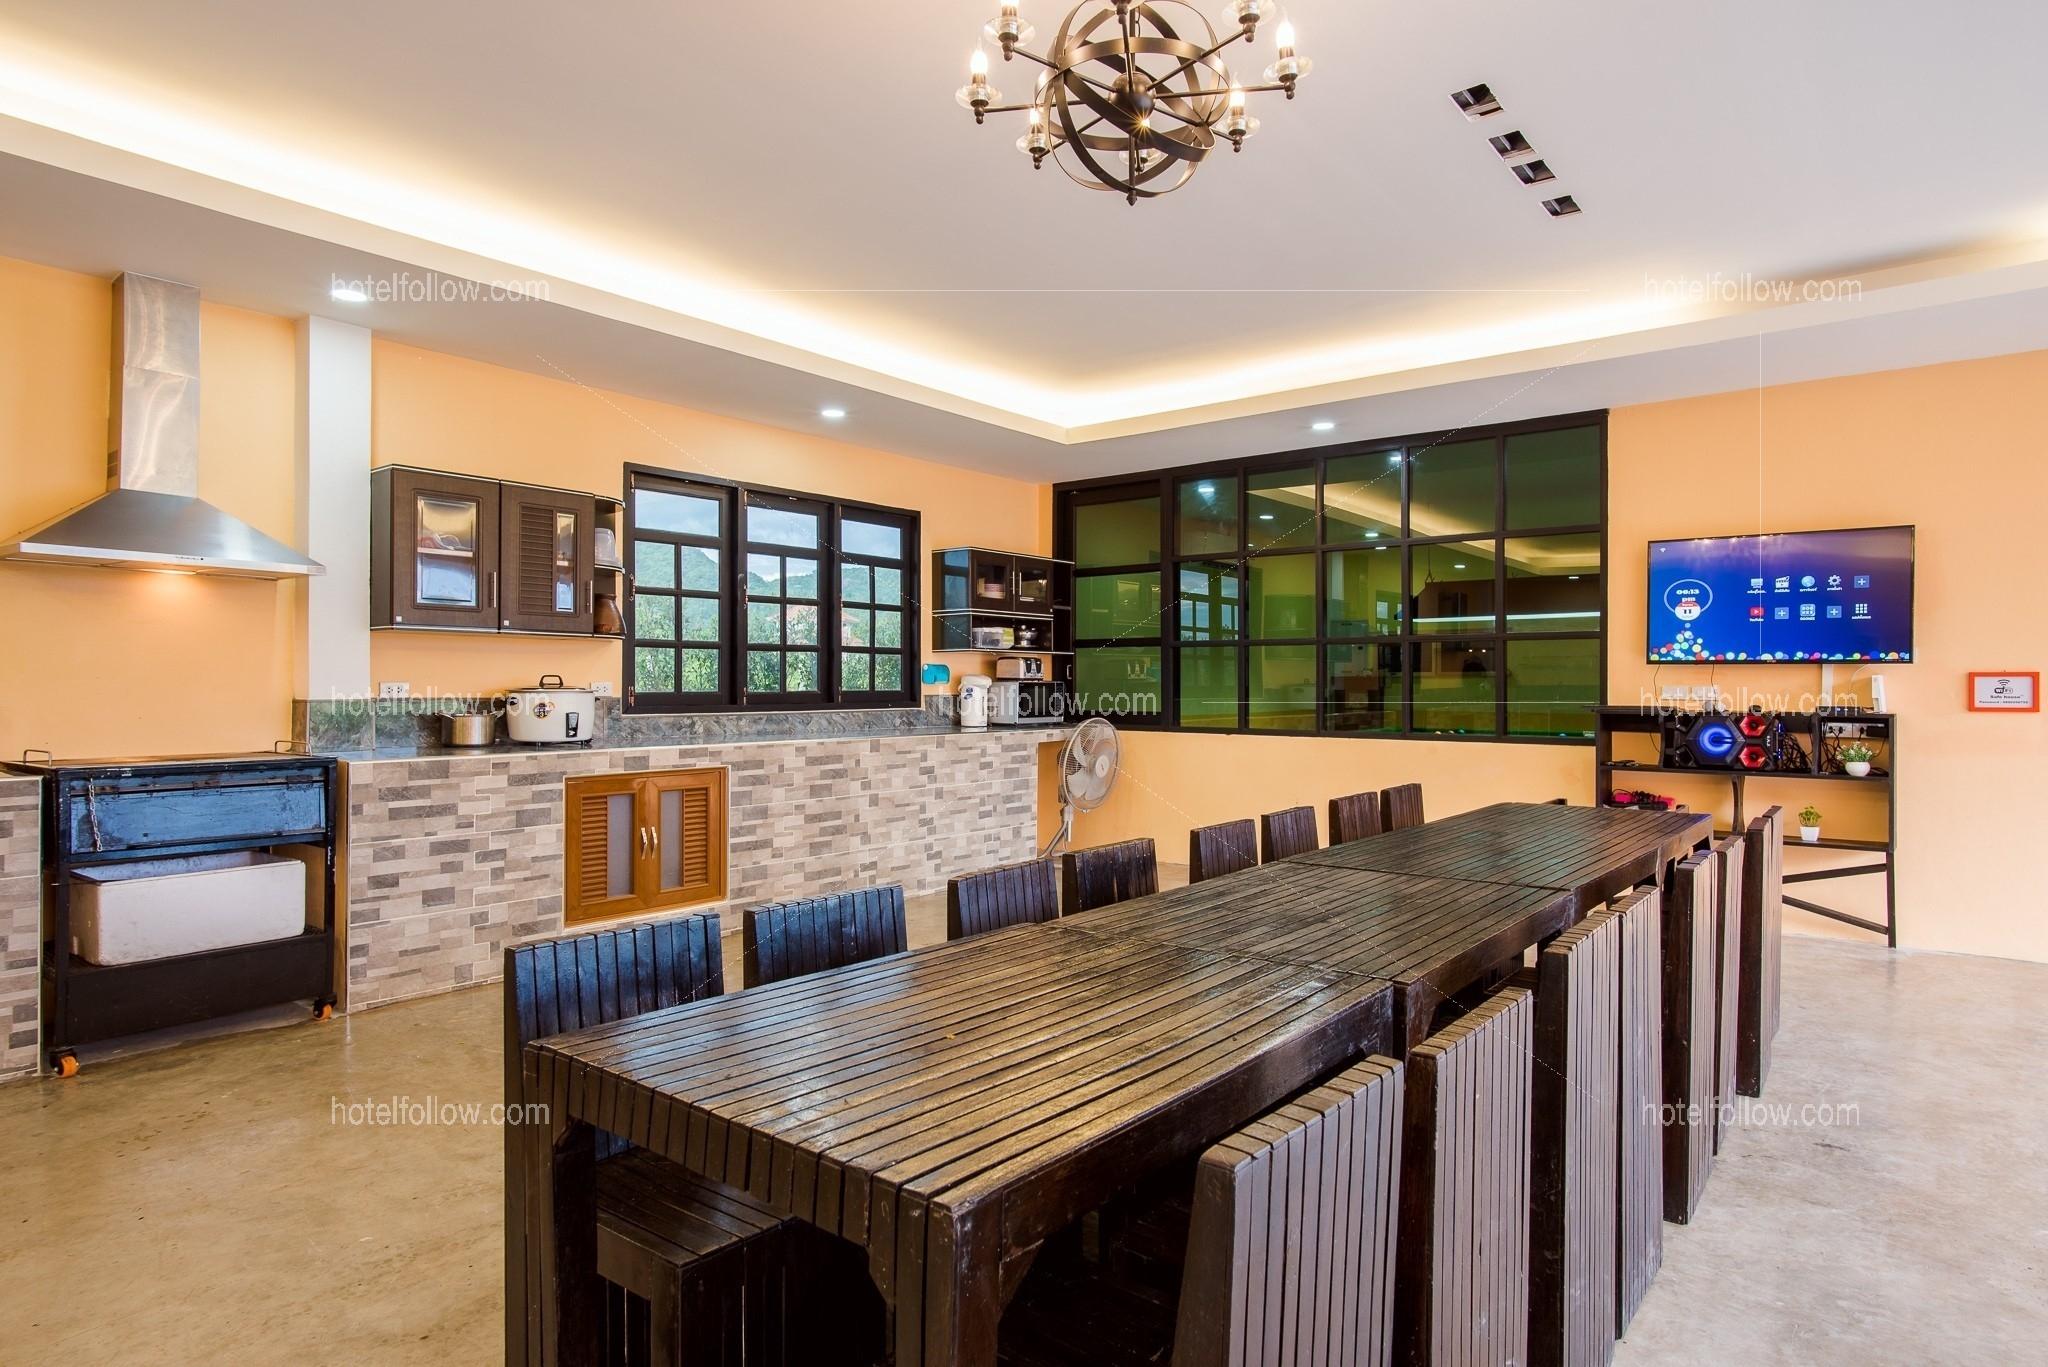 รูปของโรงแรม บ้านโยเซฟ พูลวิลล่า หัวหิน